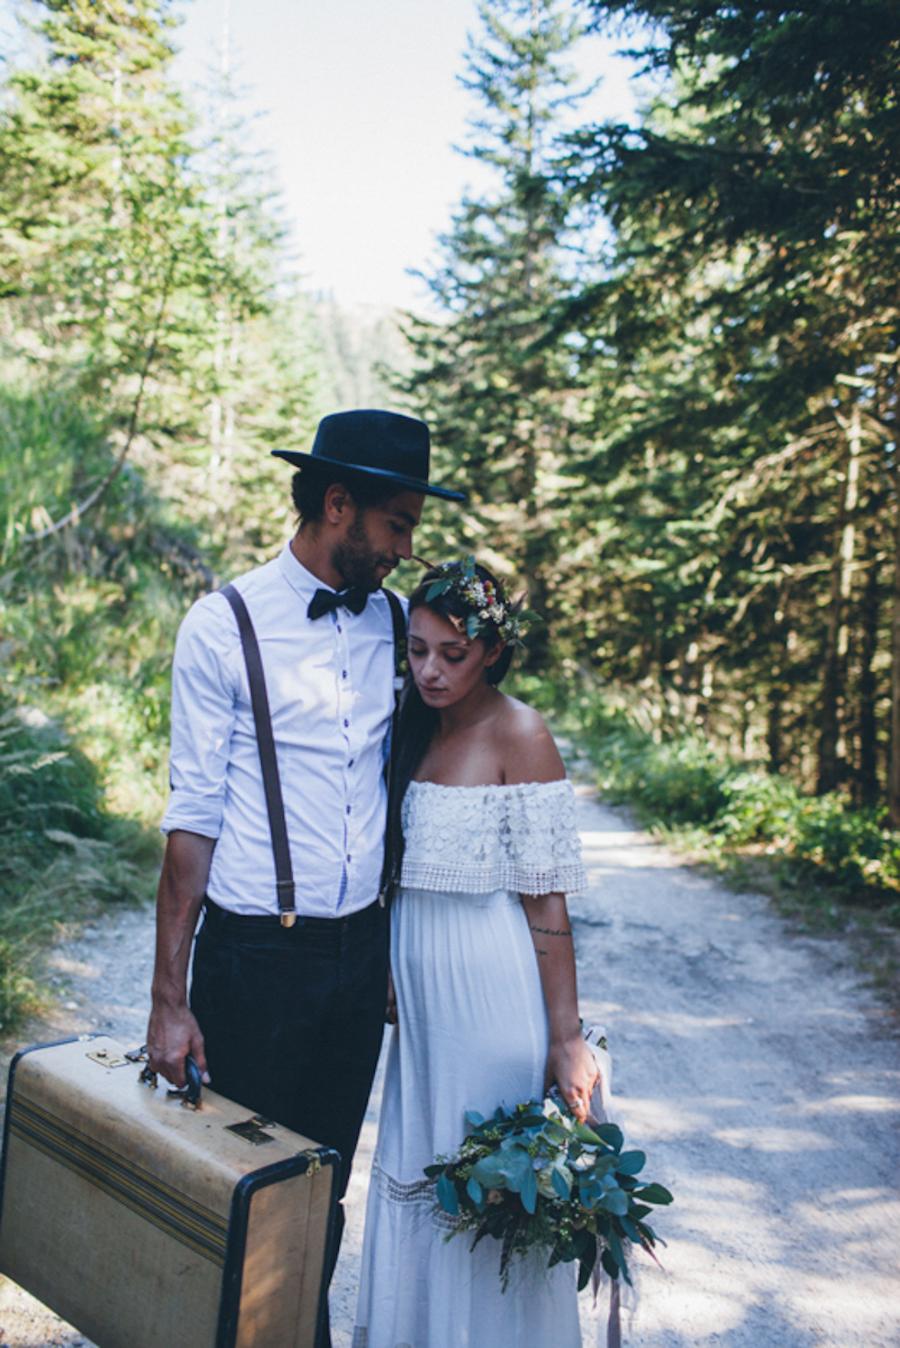 matrimonio-boho-chic-e-naturale-sweetphotofactory-wedding-wonderland-29